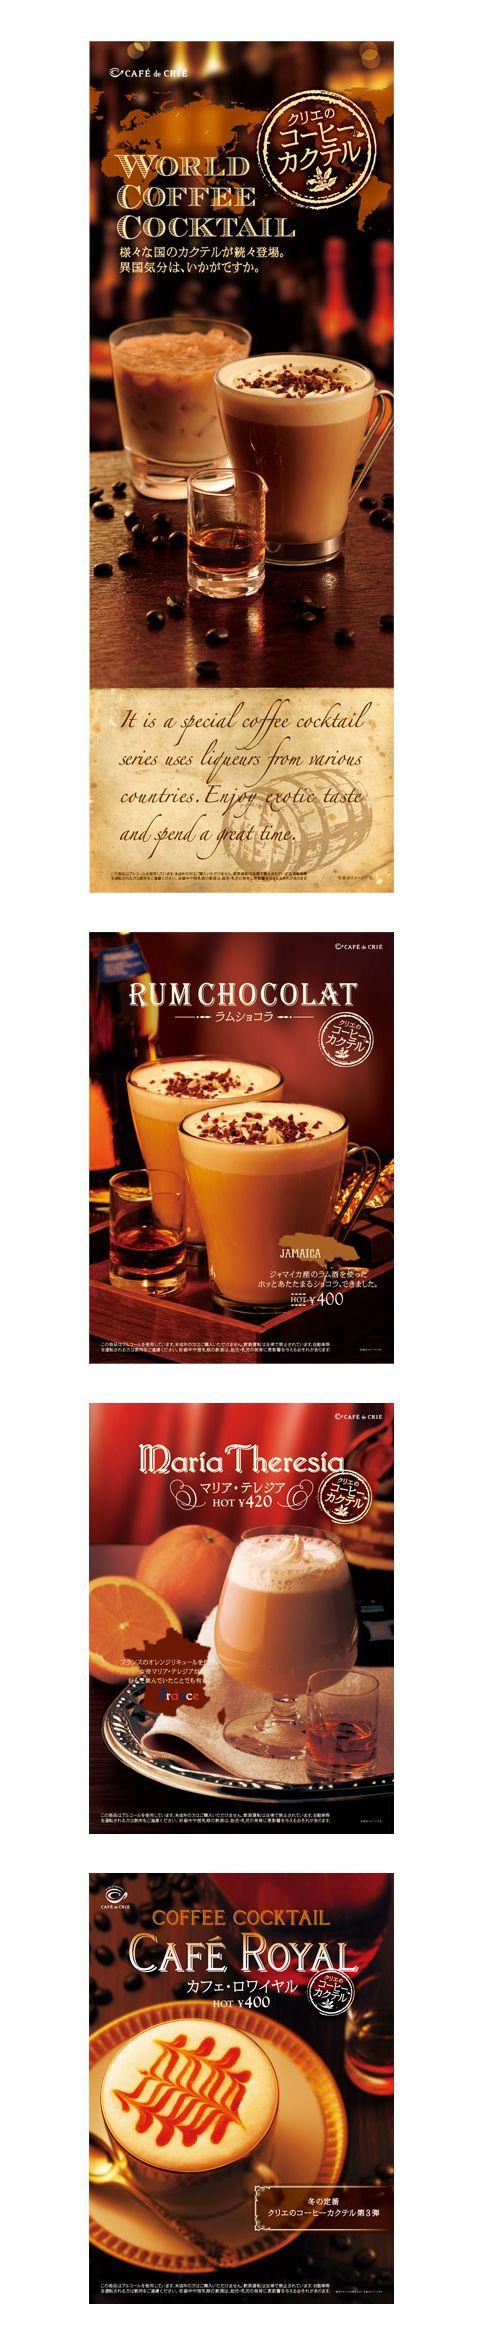 ポッカクリエイト|店頭販促ツール「カフェ・ド・クリエ コーヒーカクテル」